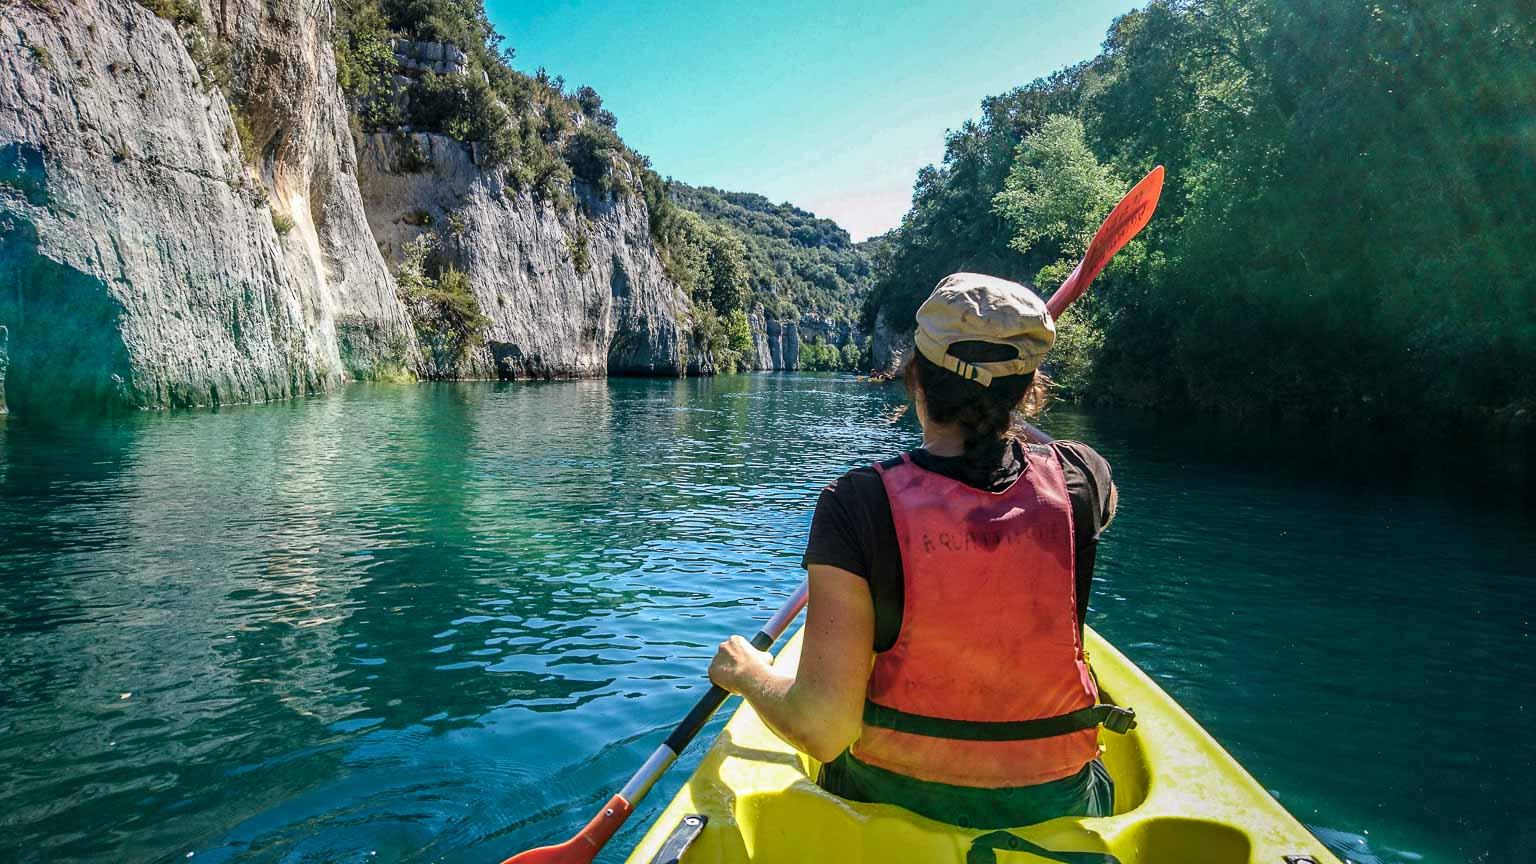 Kayak dans le canyon de Baudinard dans les gorges du Verdon en France